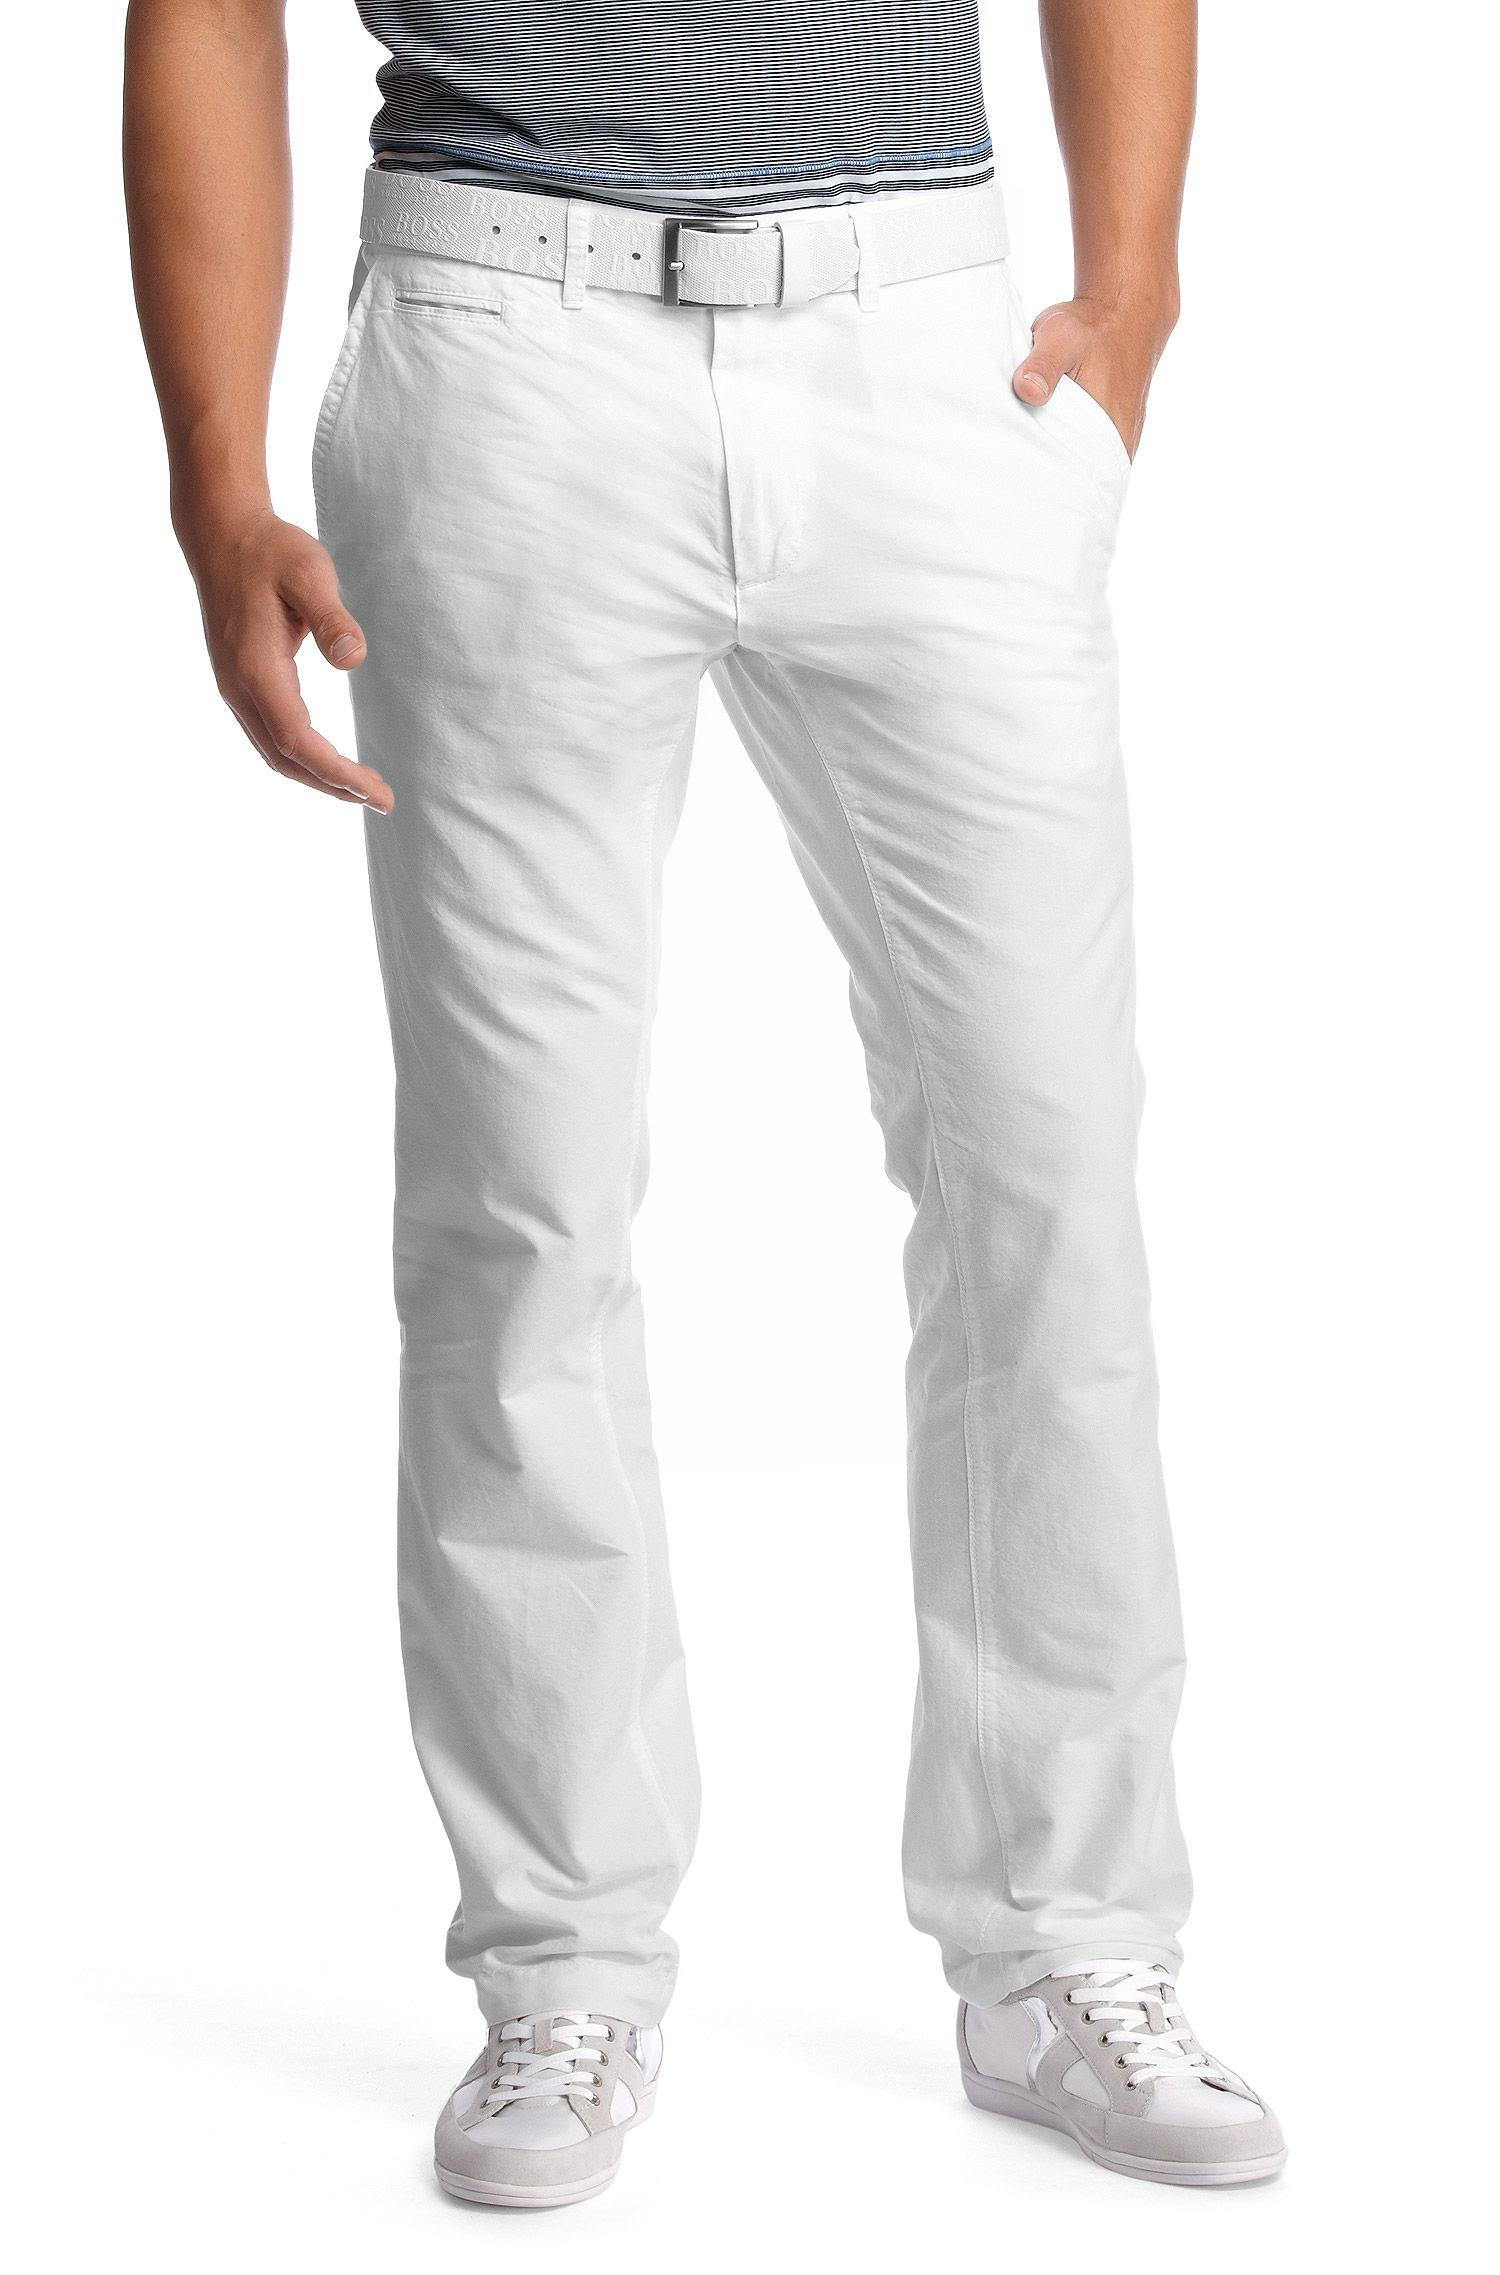 Pantalon détente à bords surpiqués, Derrik